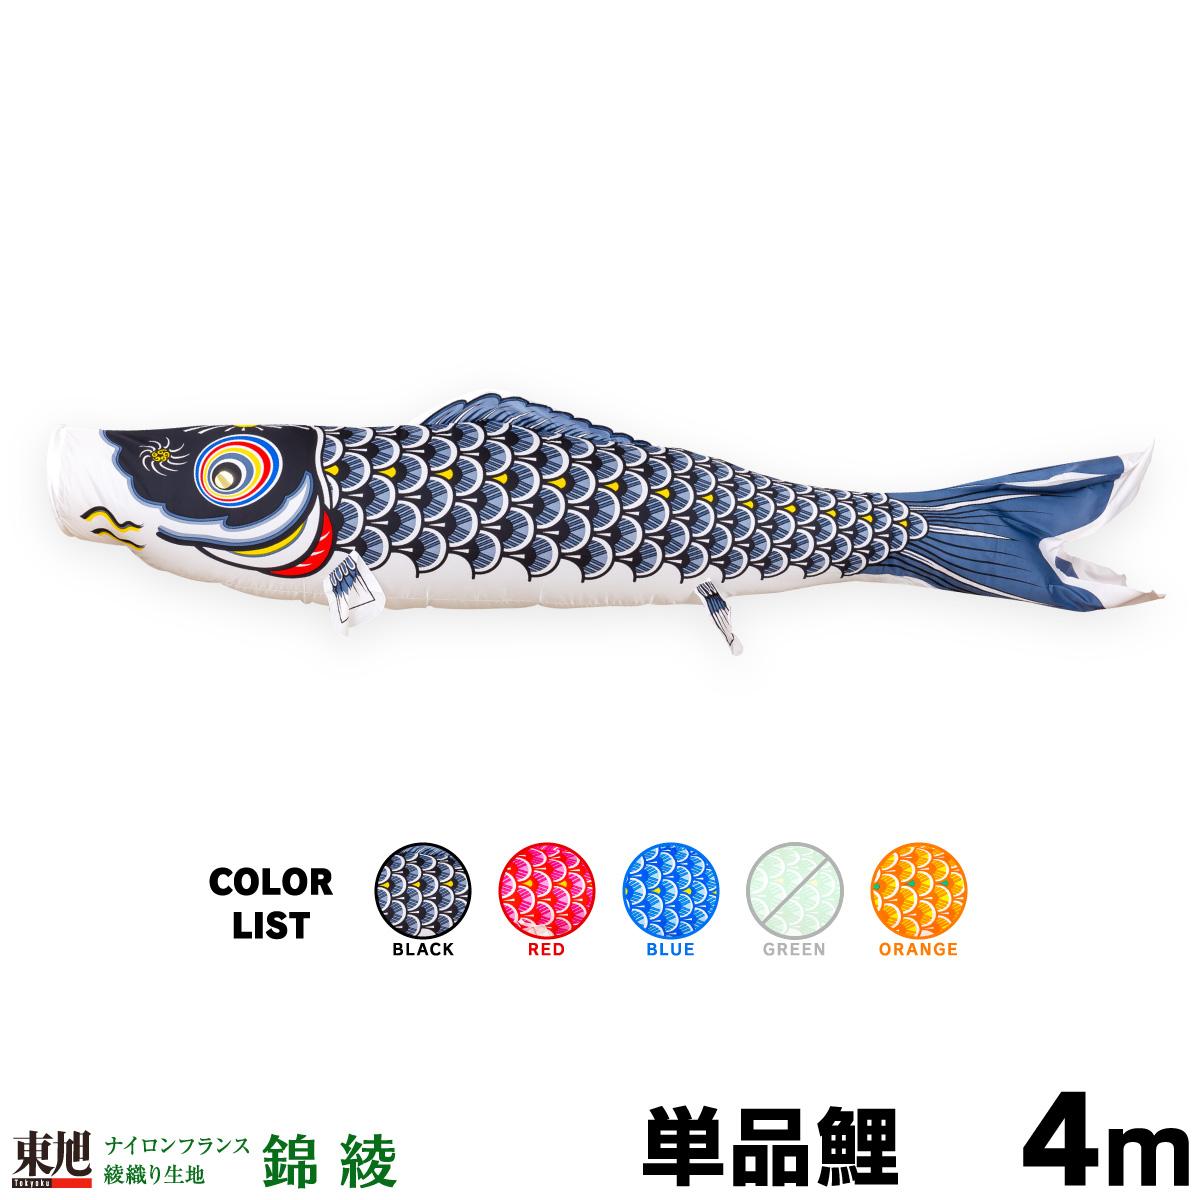 【こいのぼり 単品】 フランス綾織り生地 錦綾 4m 単品鯉